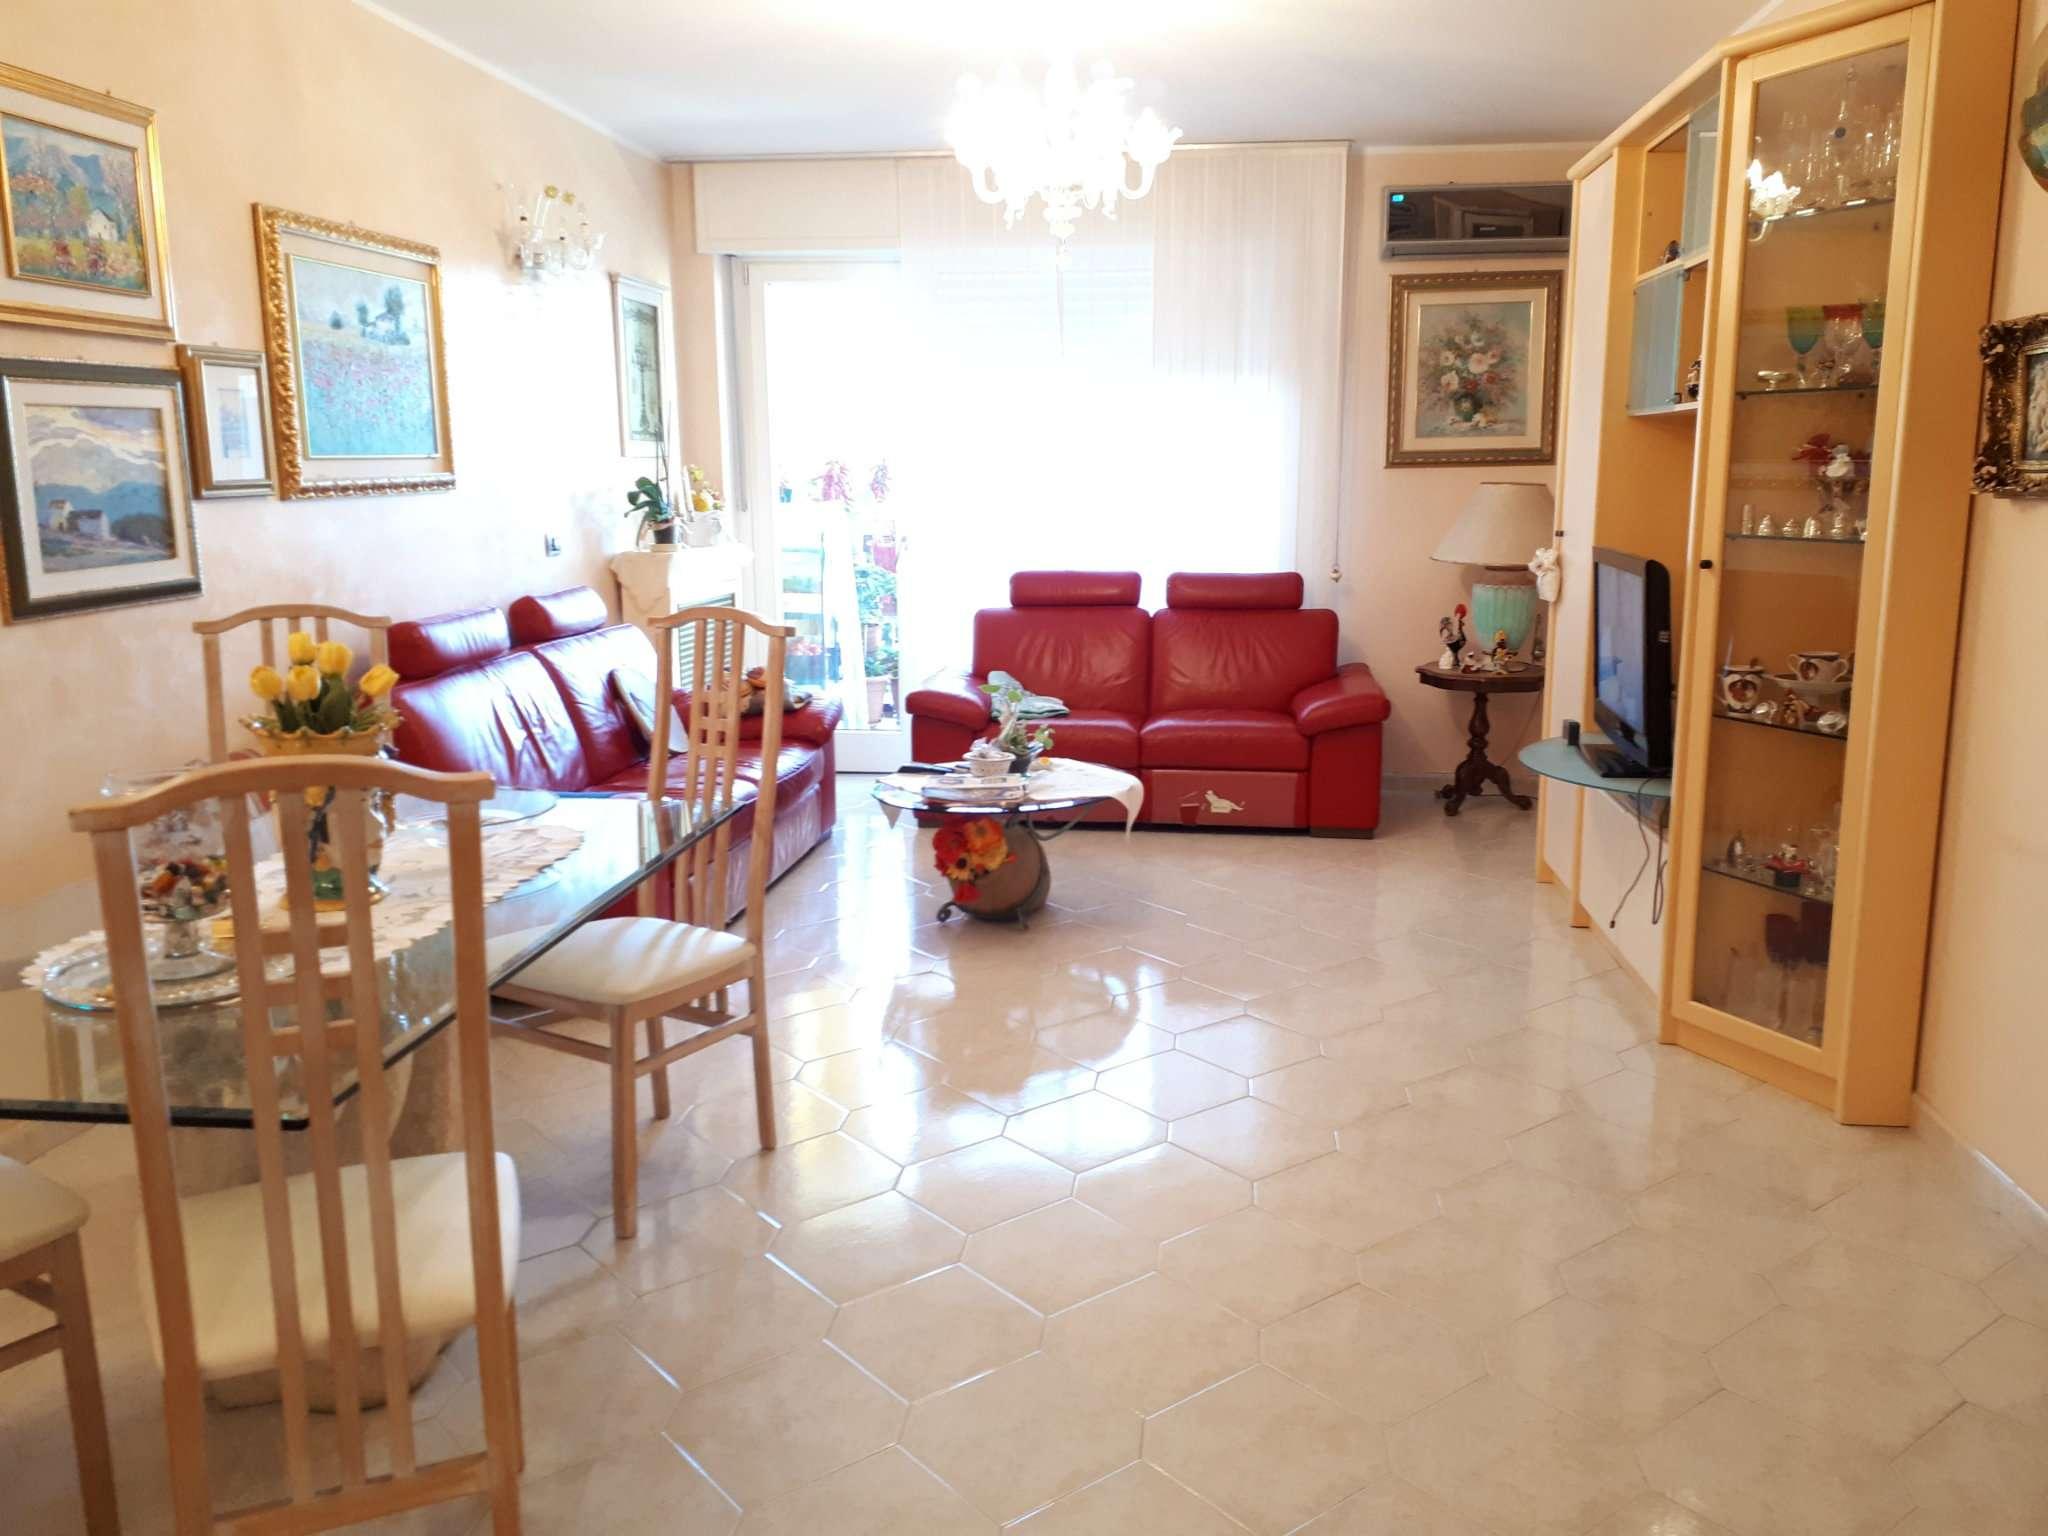 Via San Giovanni - Appartamento di mq 110 circa ristrutturato